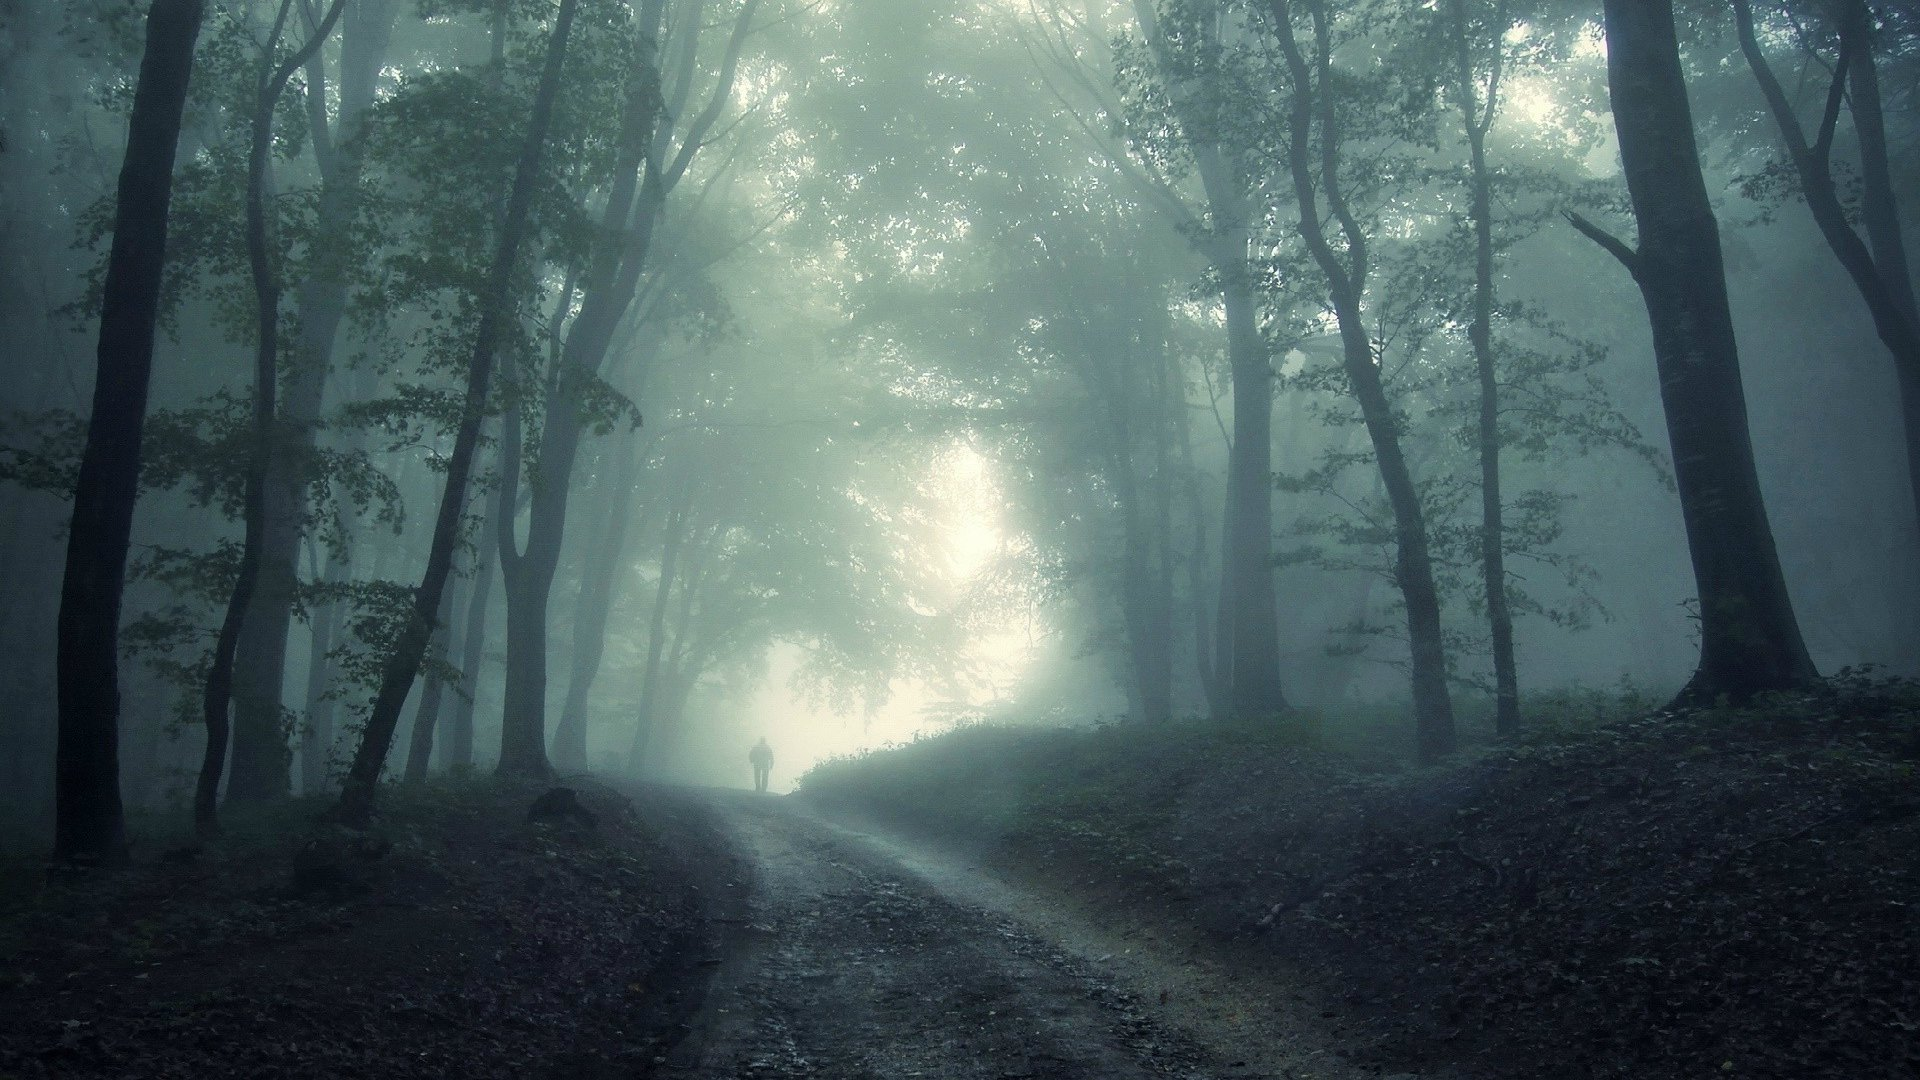 عکس جنگل خوشگل